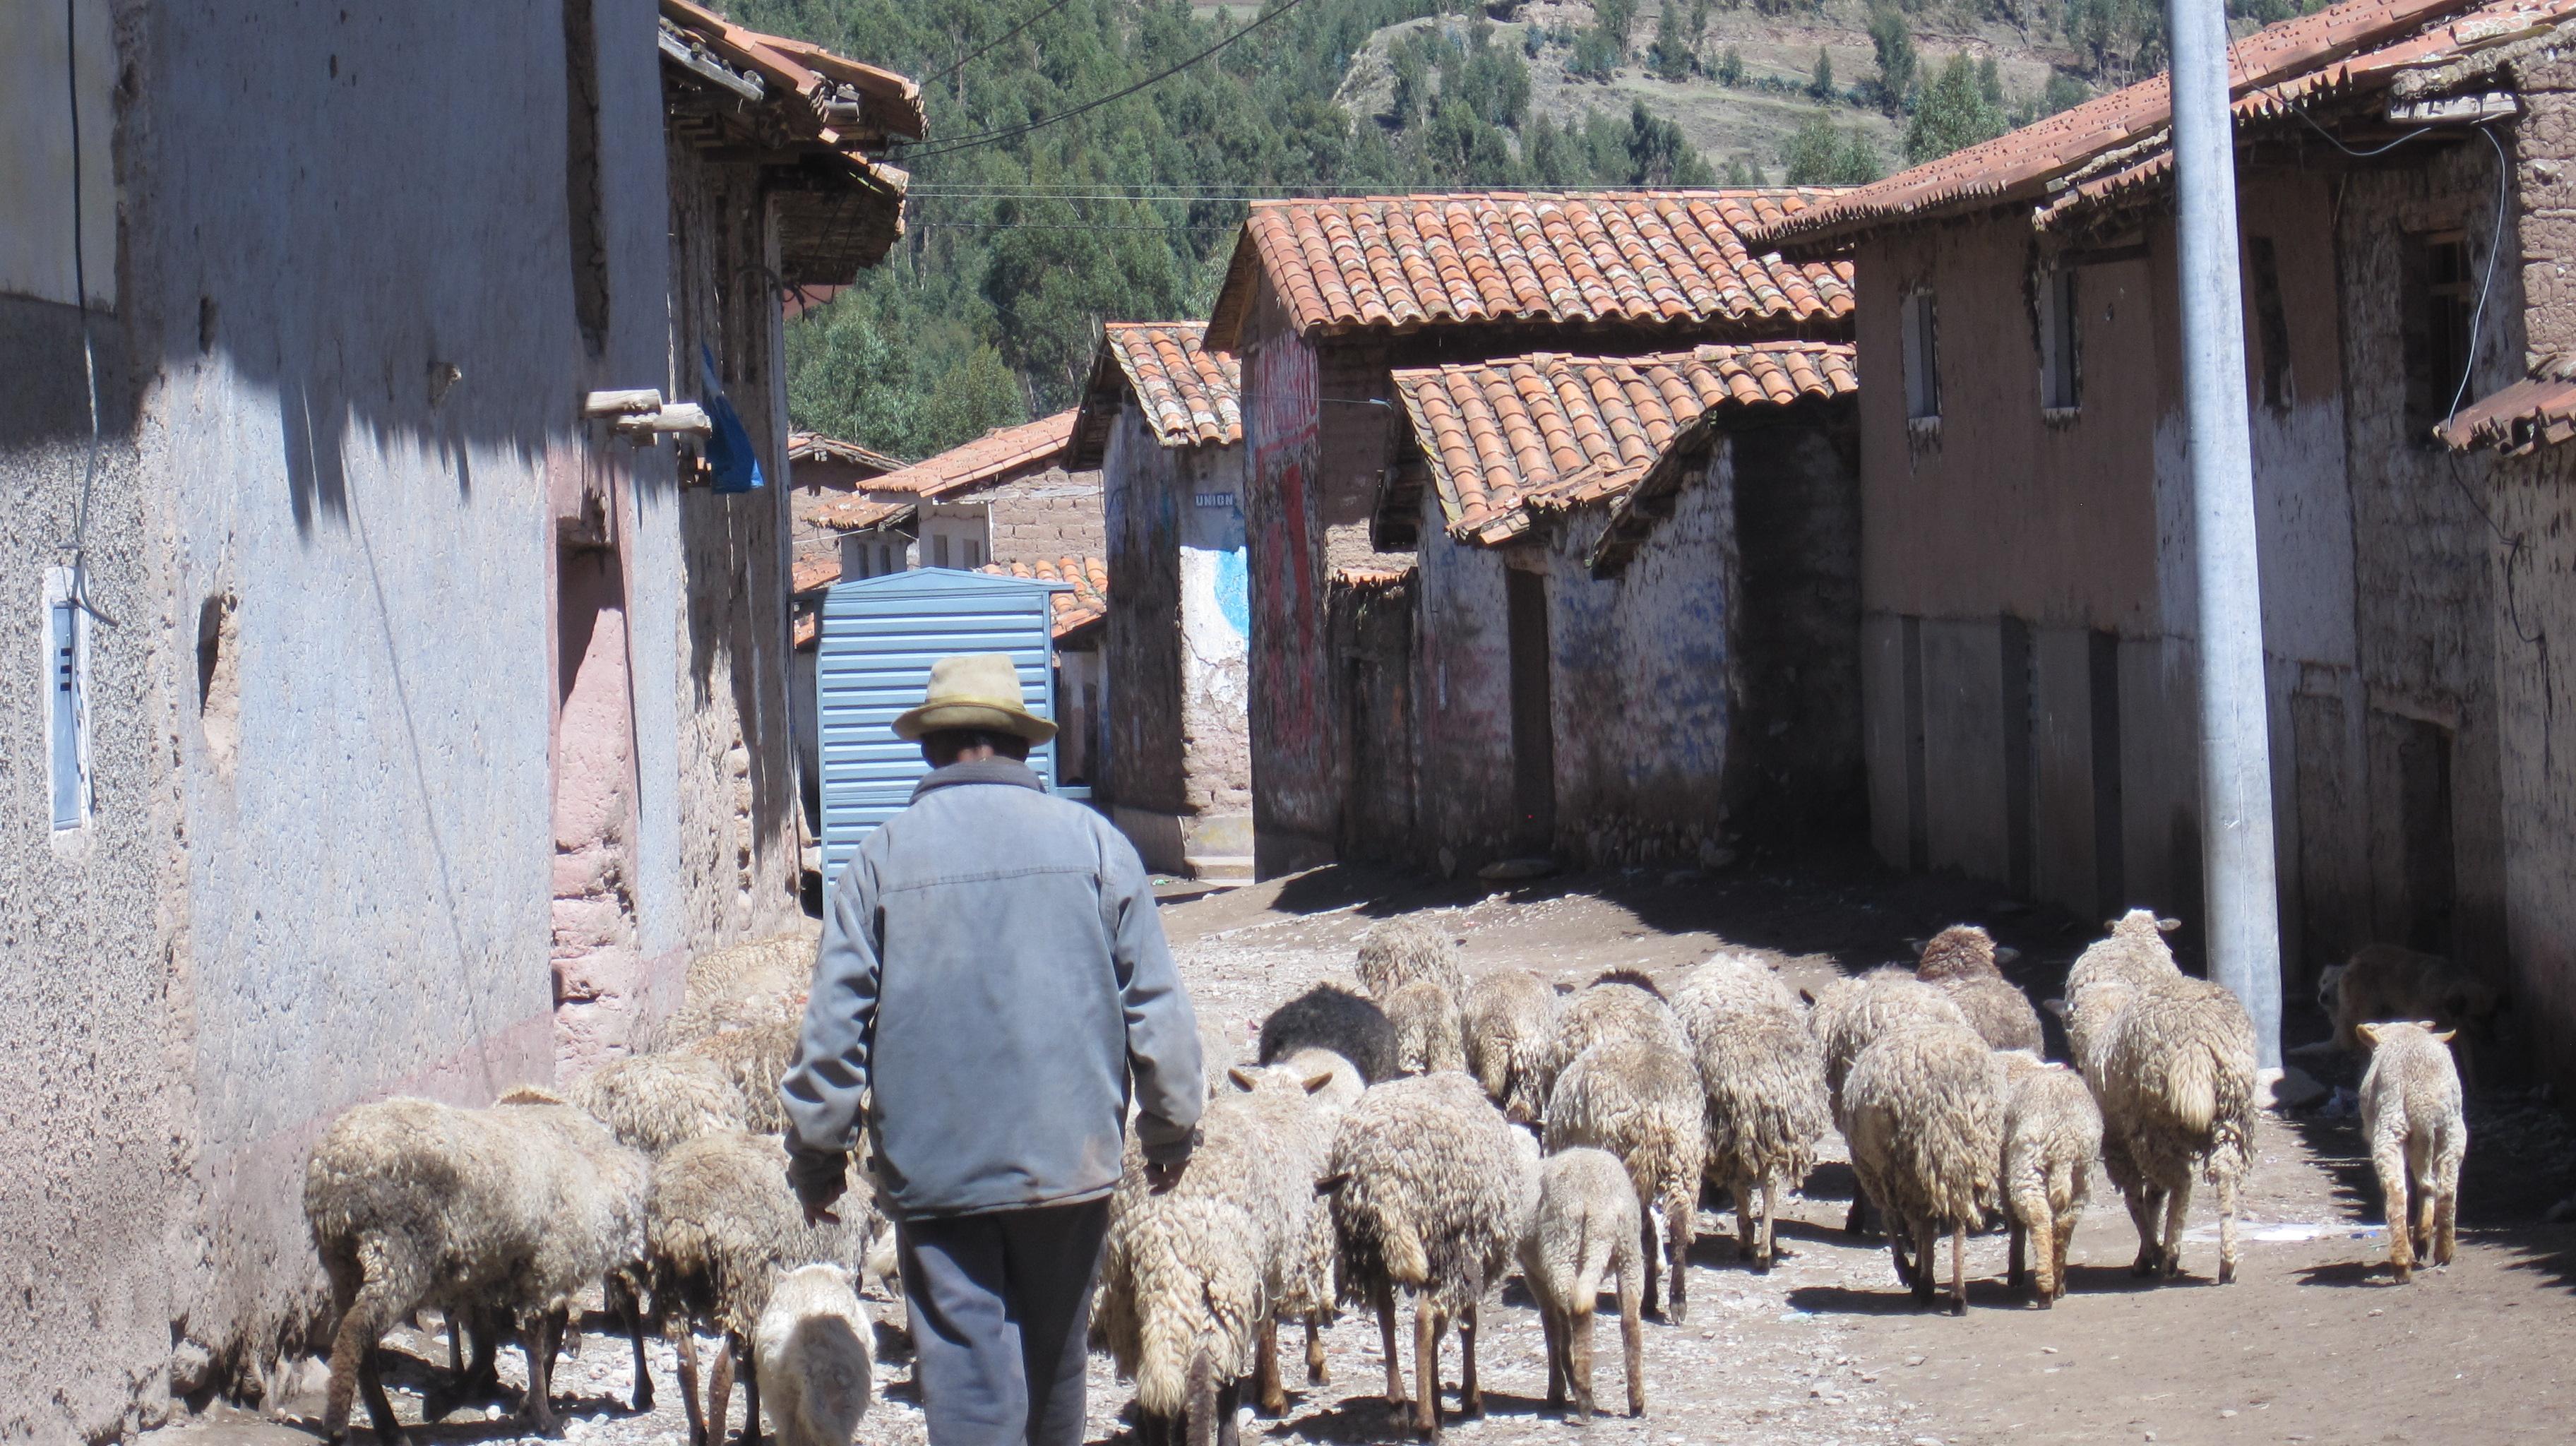 Pomacanchi, Cusco (Peru)